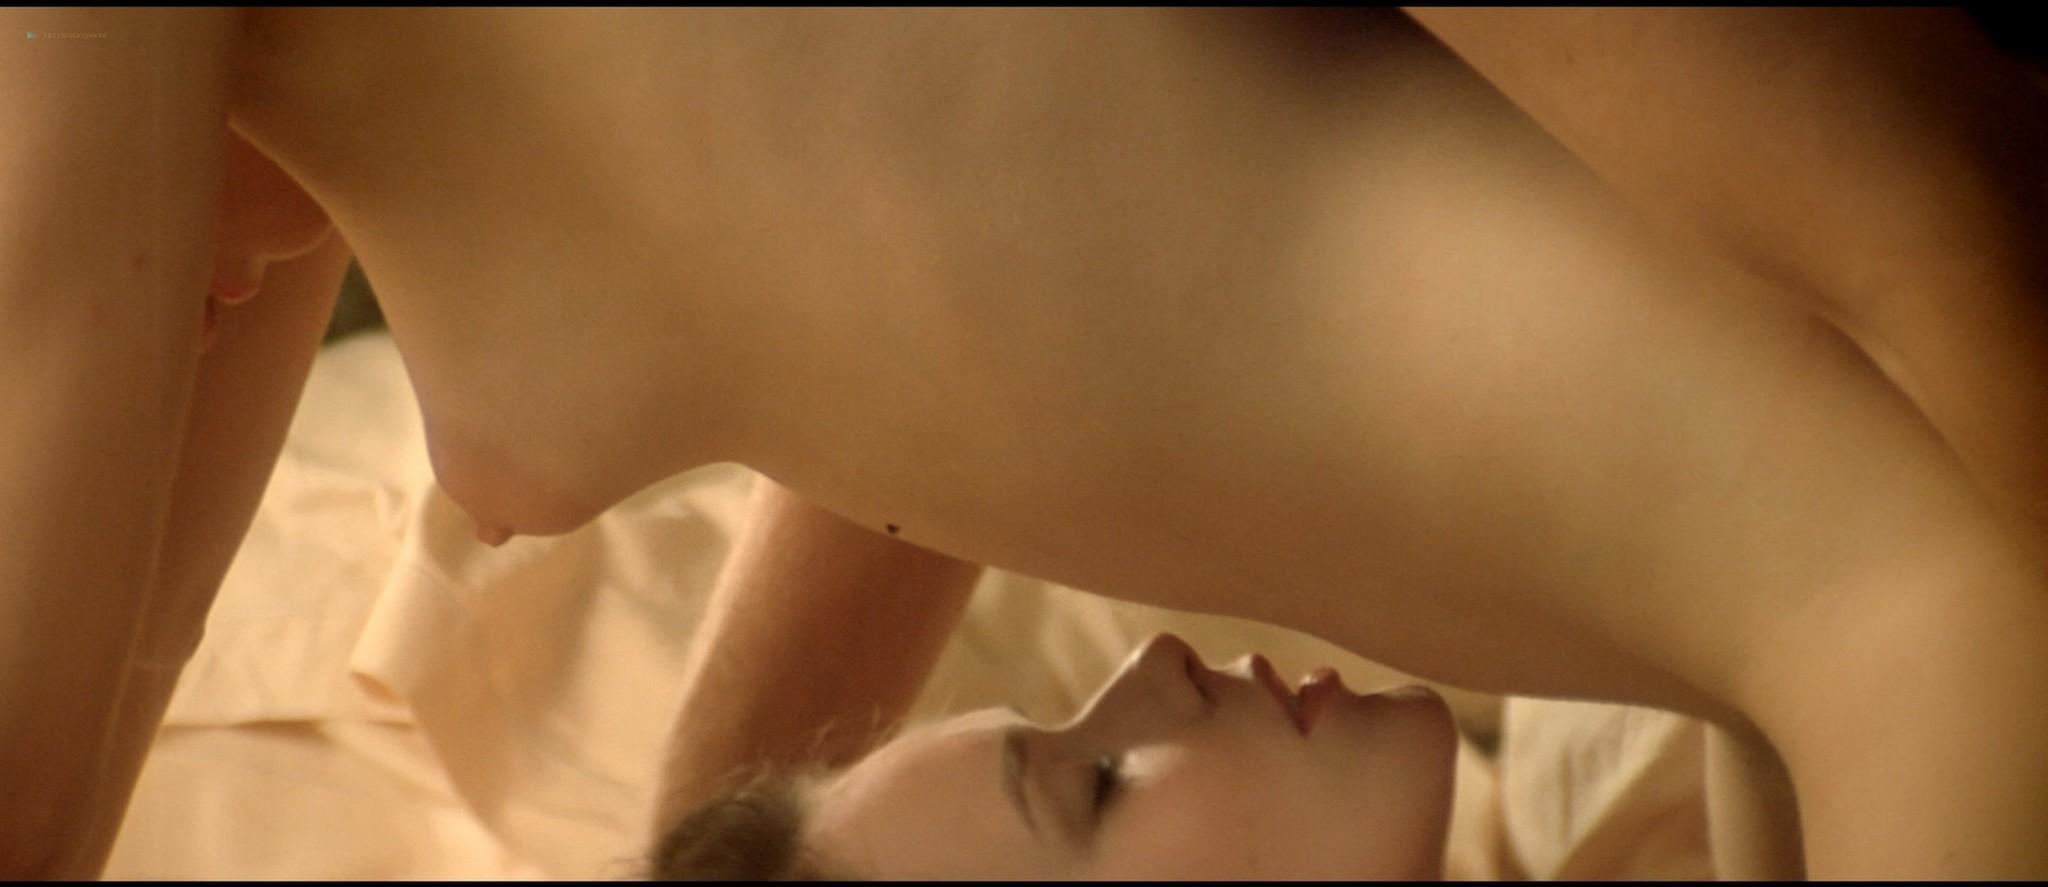 Sylvia Kristel nude sex threesome Catherine Rivet, Laura Gemser nude - Emmanuelle 2 (1975) HD 1080p REMUX (5)